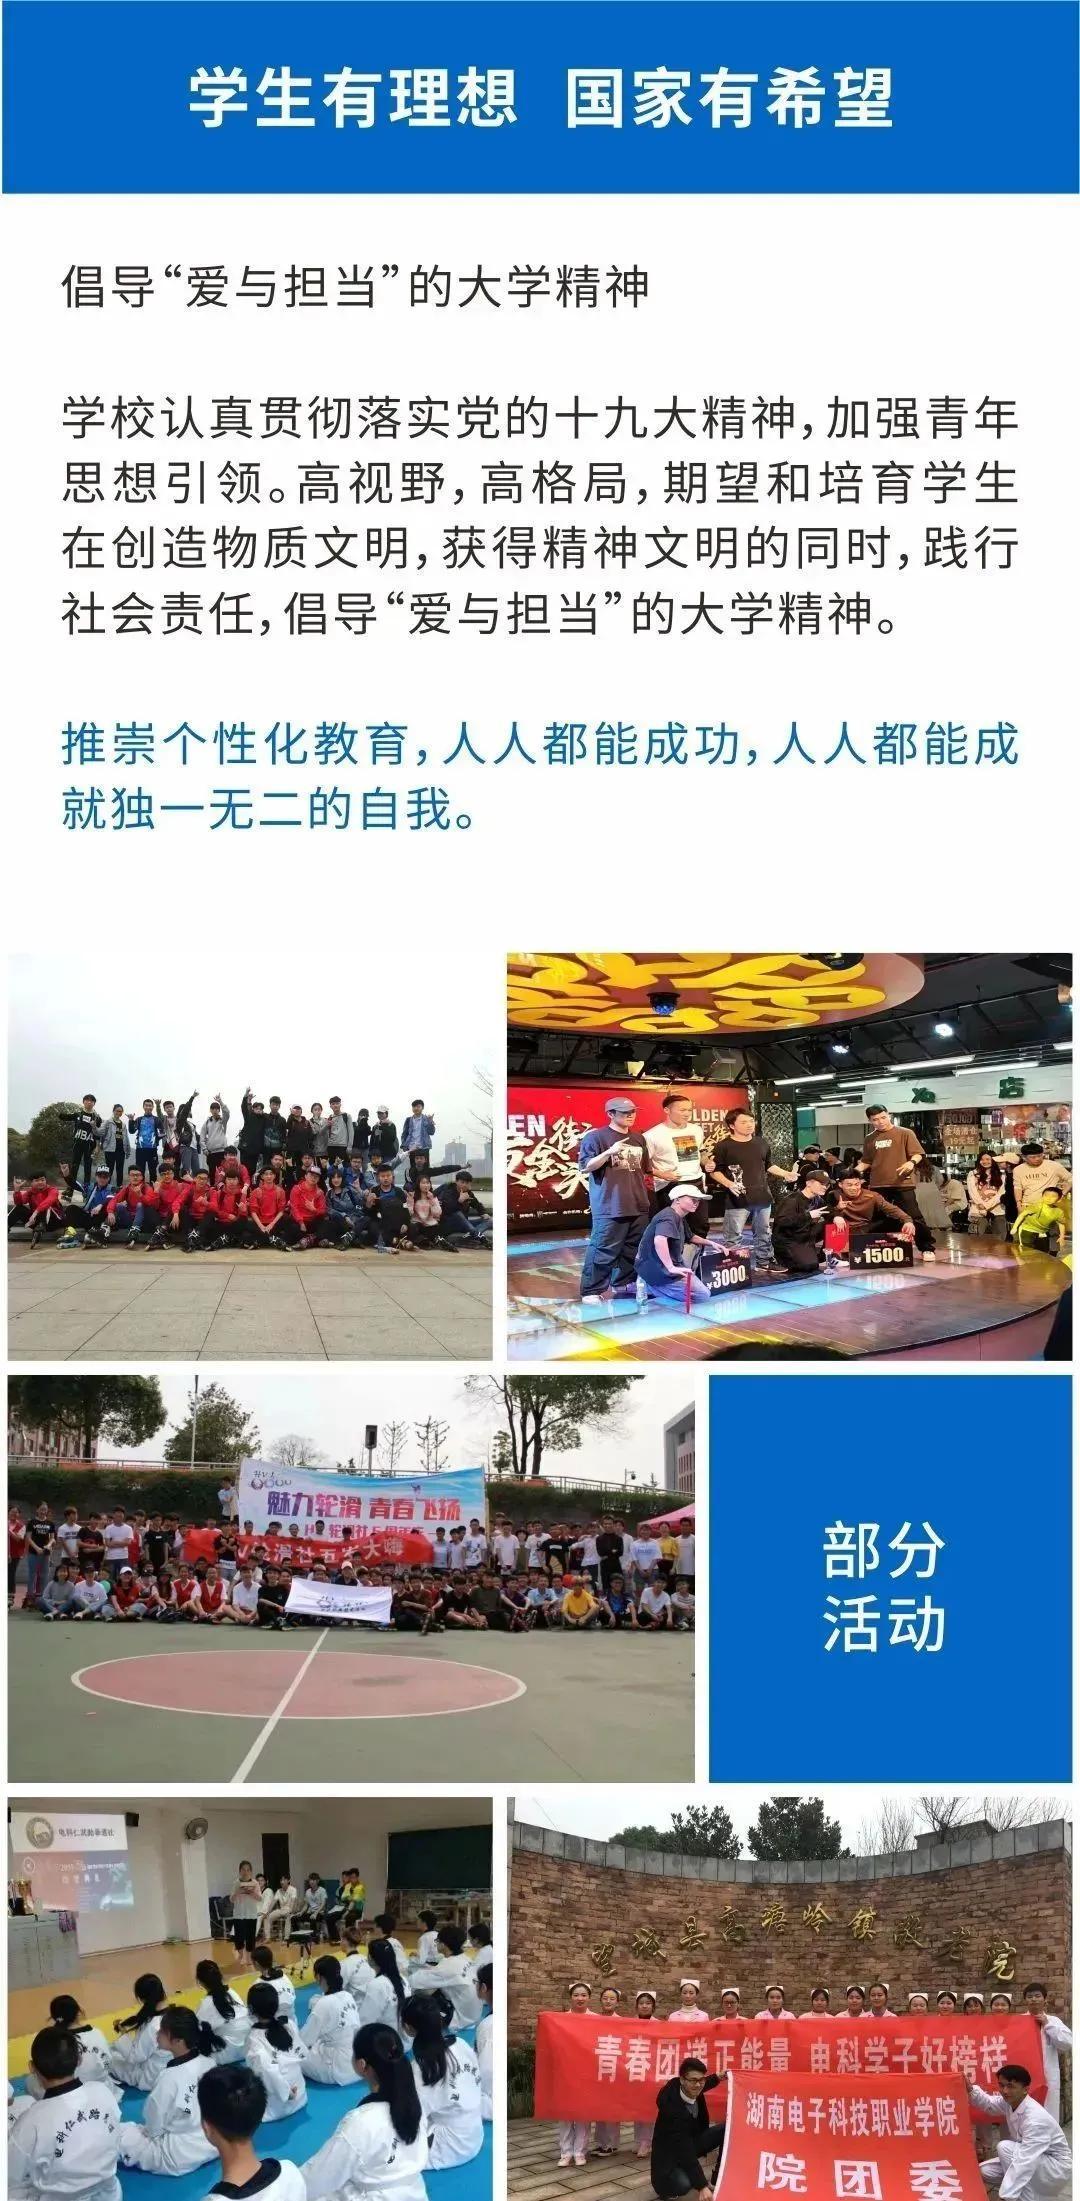 衡阳市亚洲十大信誉彩票平台对口单招学校——湖南电子科技职业学院